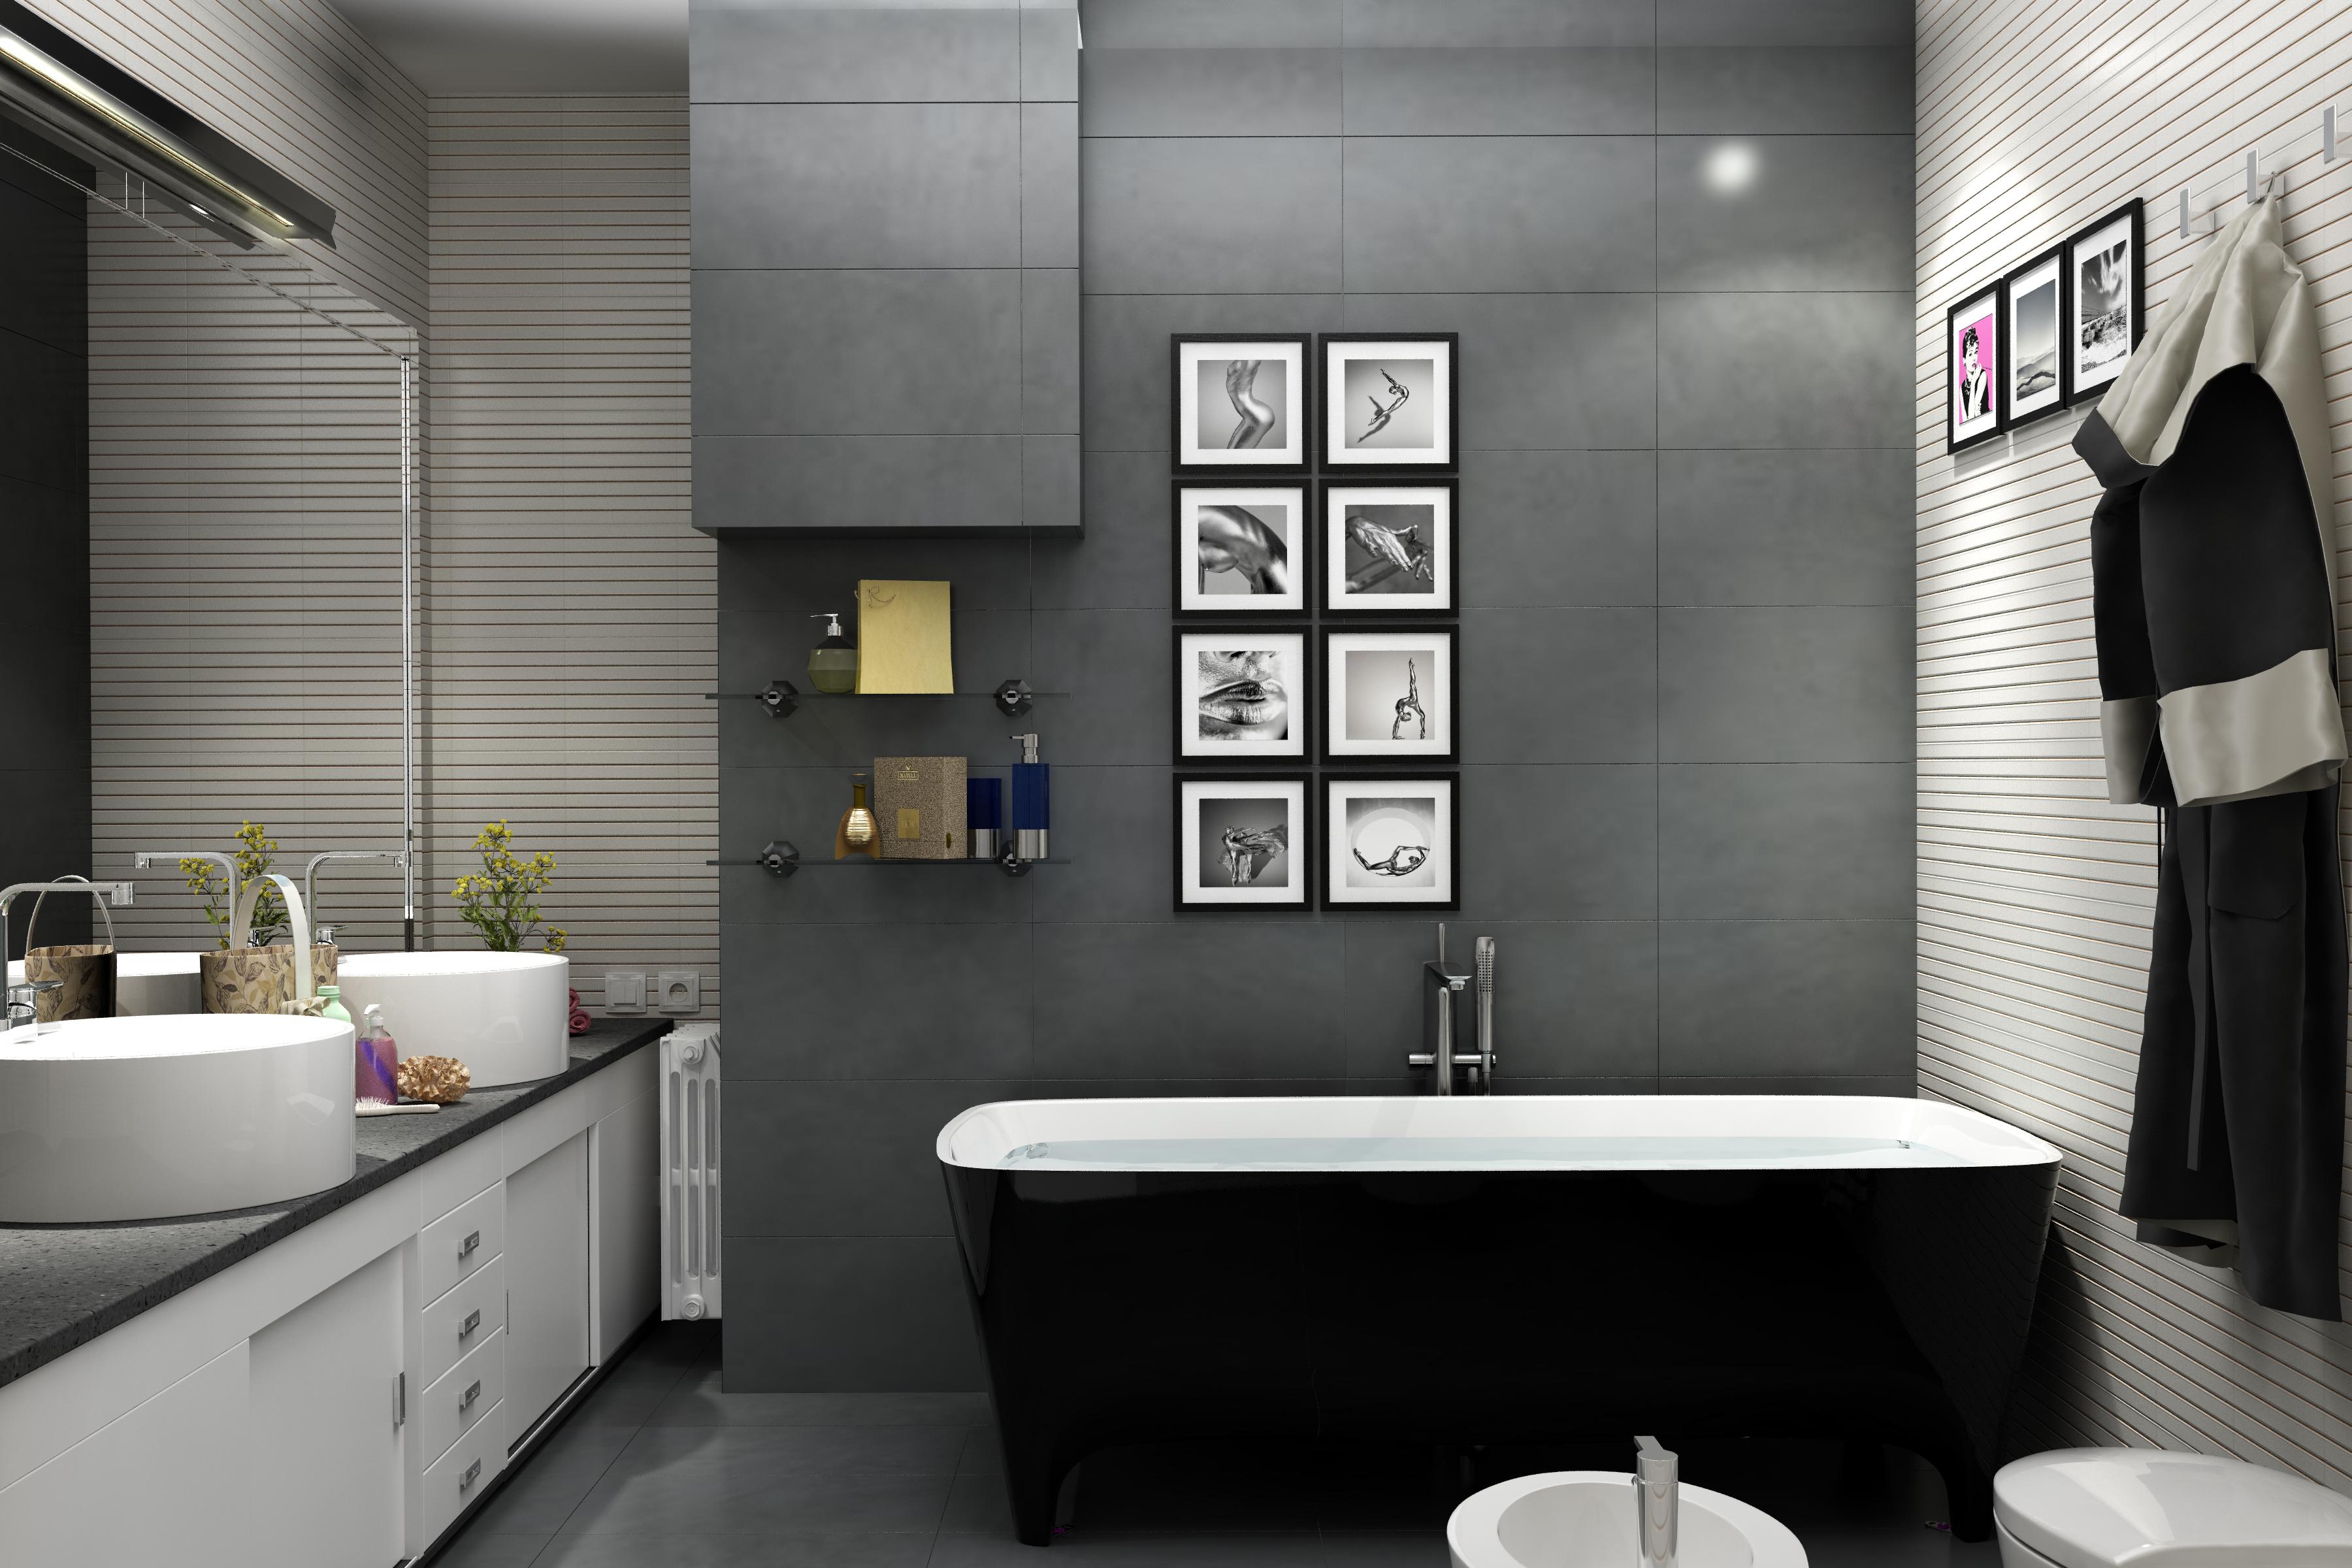 Appartamento privato - bagno